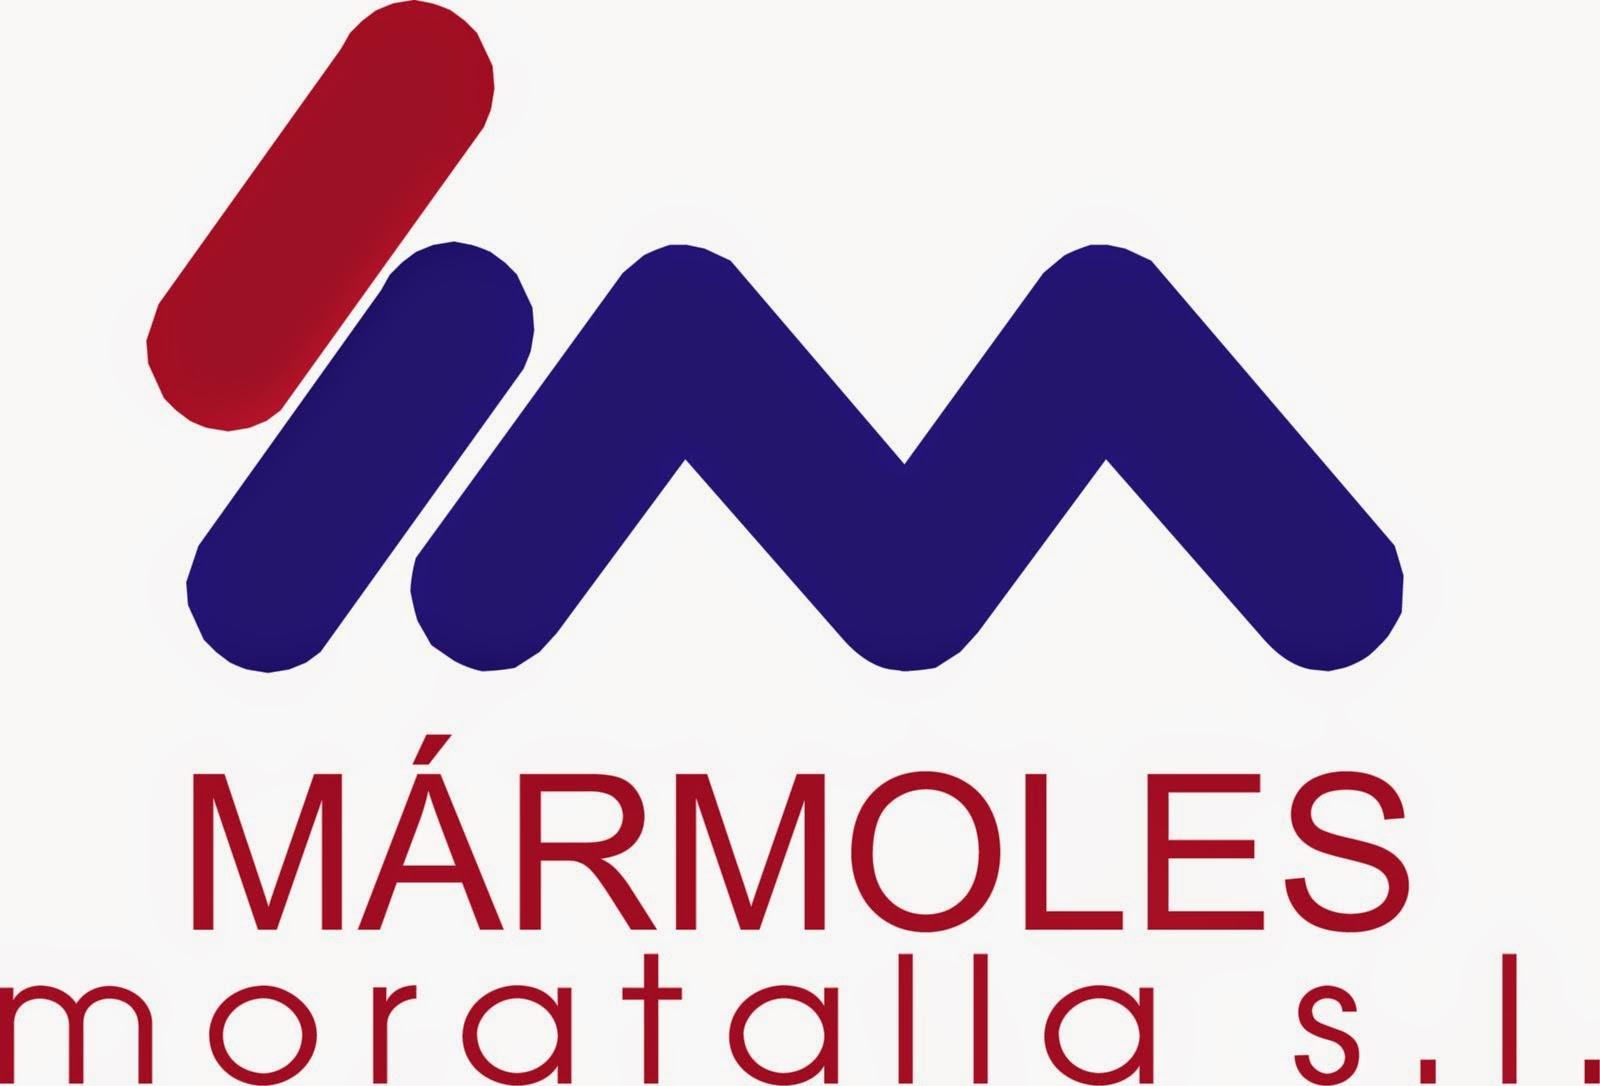 Mármoles Moratalla